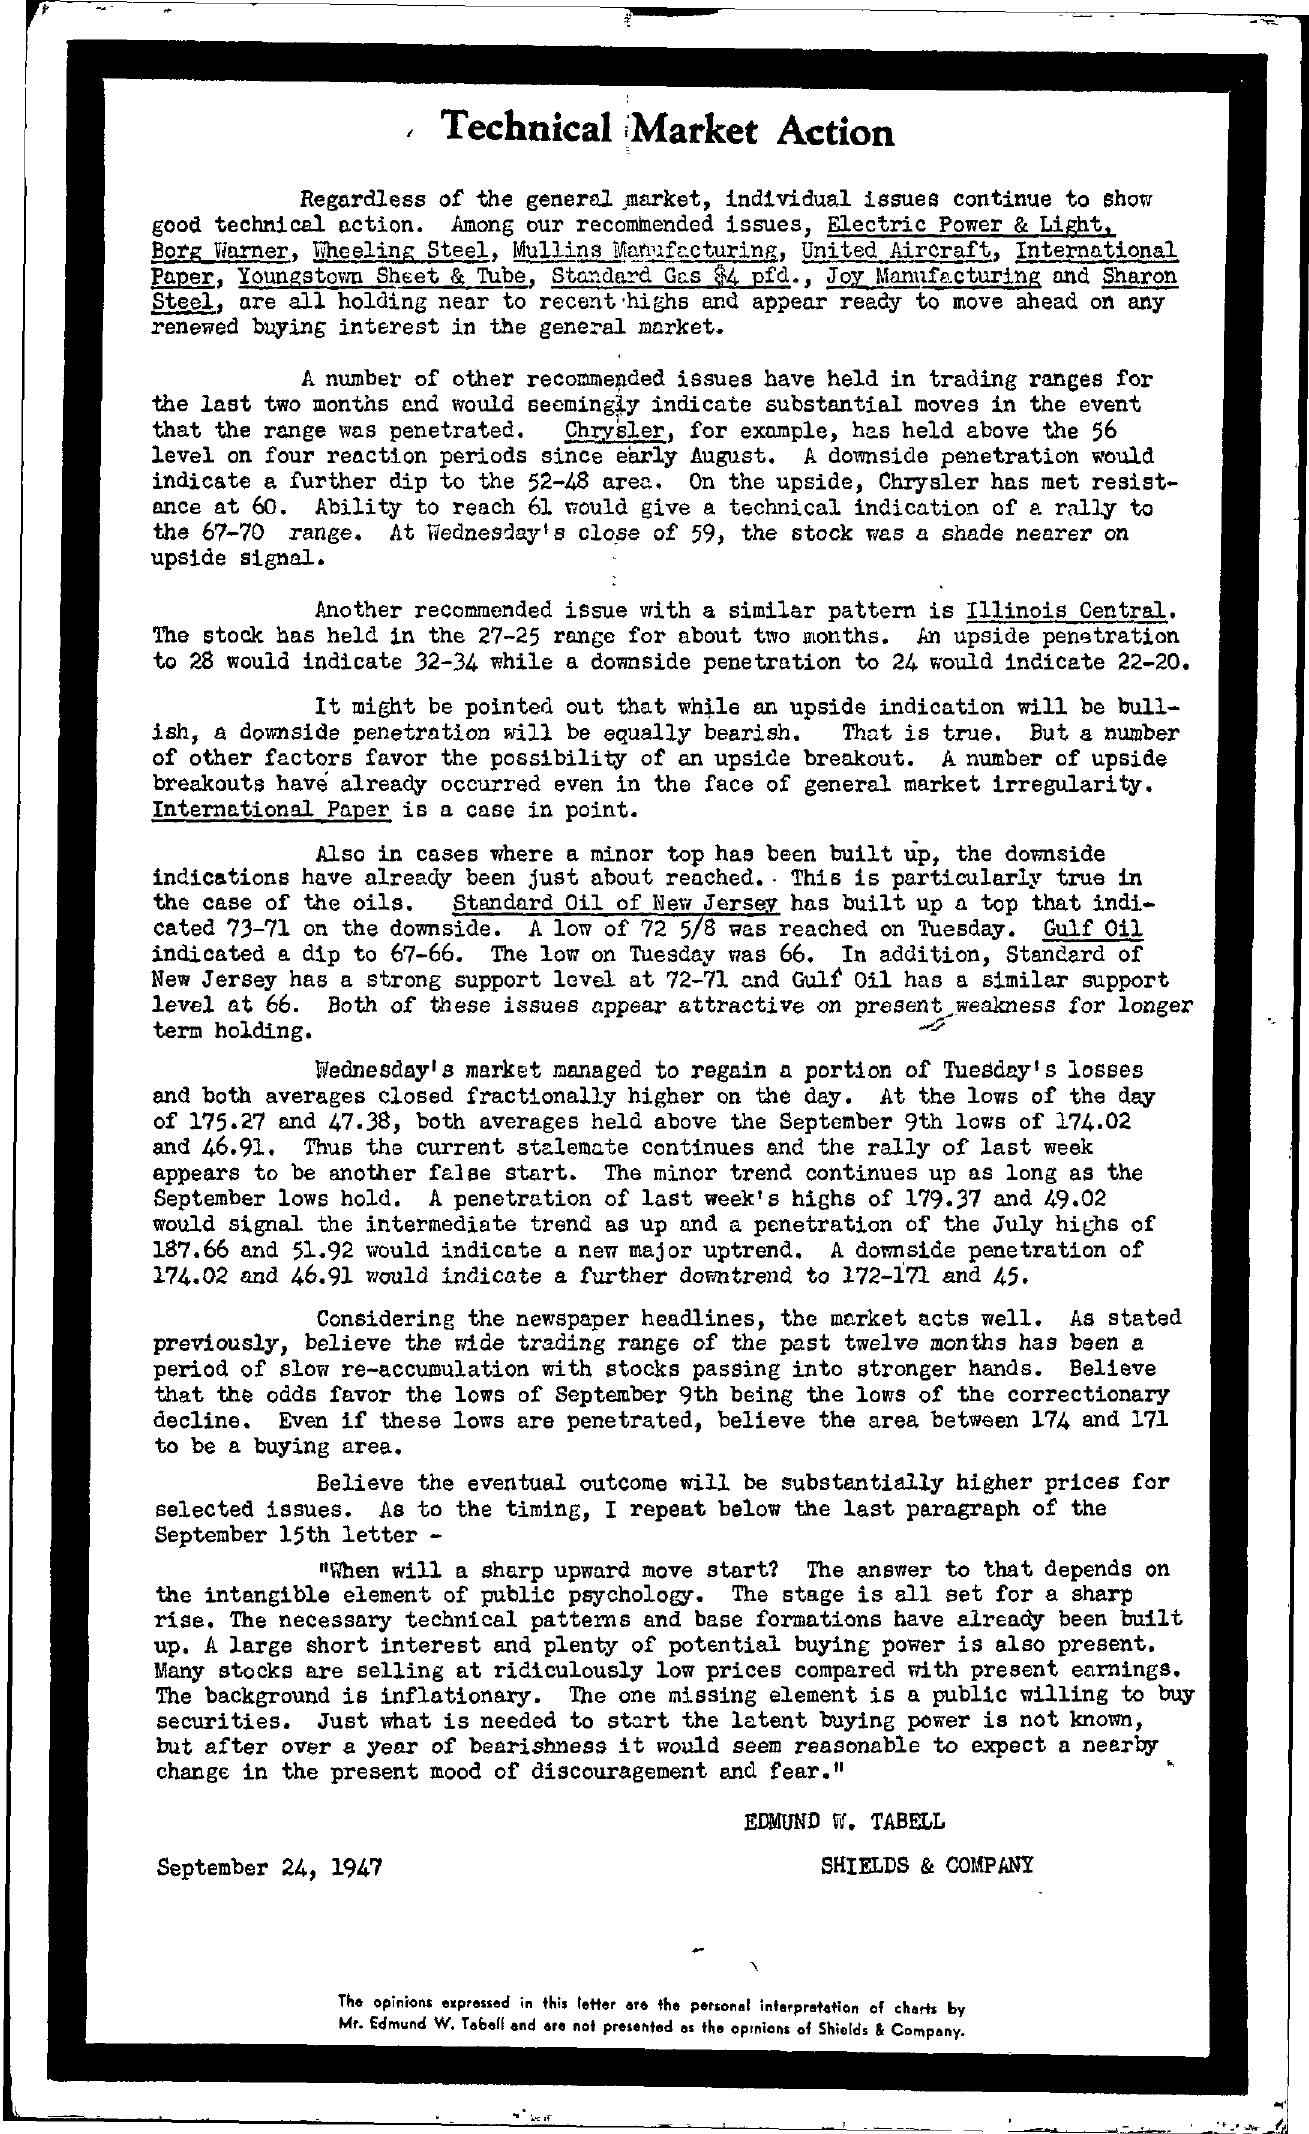 Tabell's Market Letter - September 24, 1947